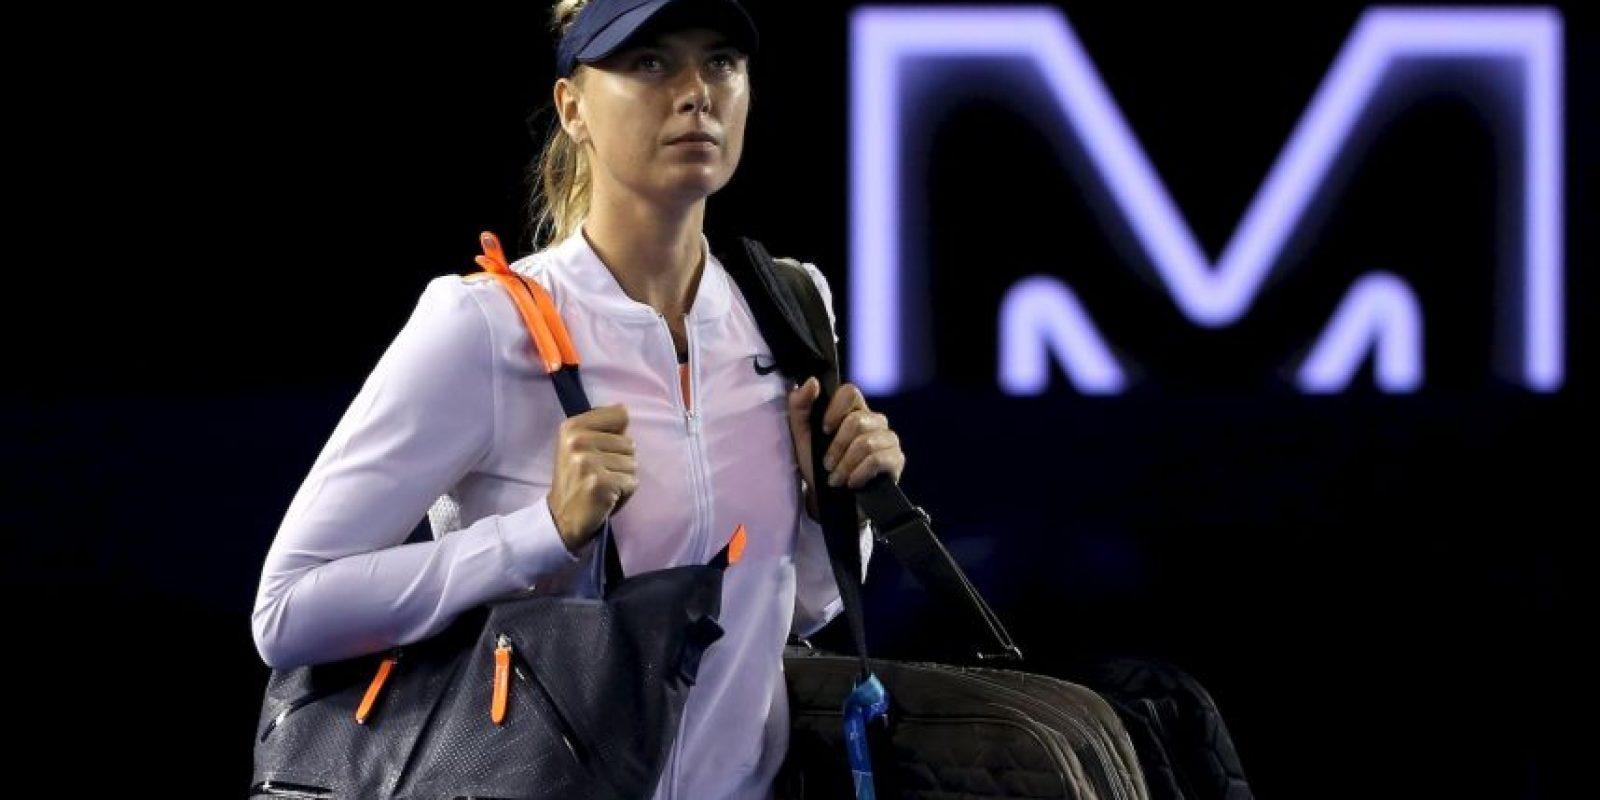 Se espera una suspensión para la tenista rusa. Foto:Getty Images